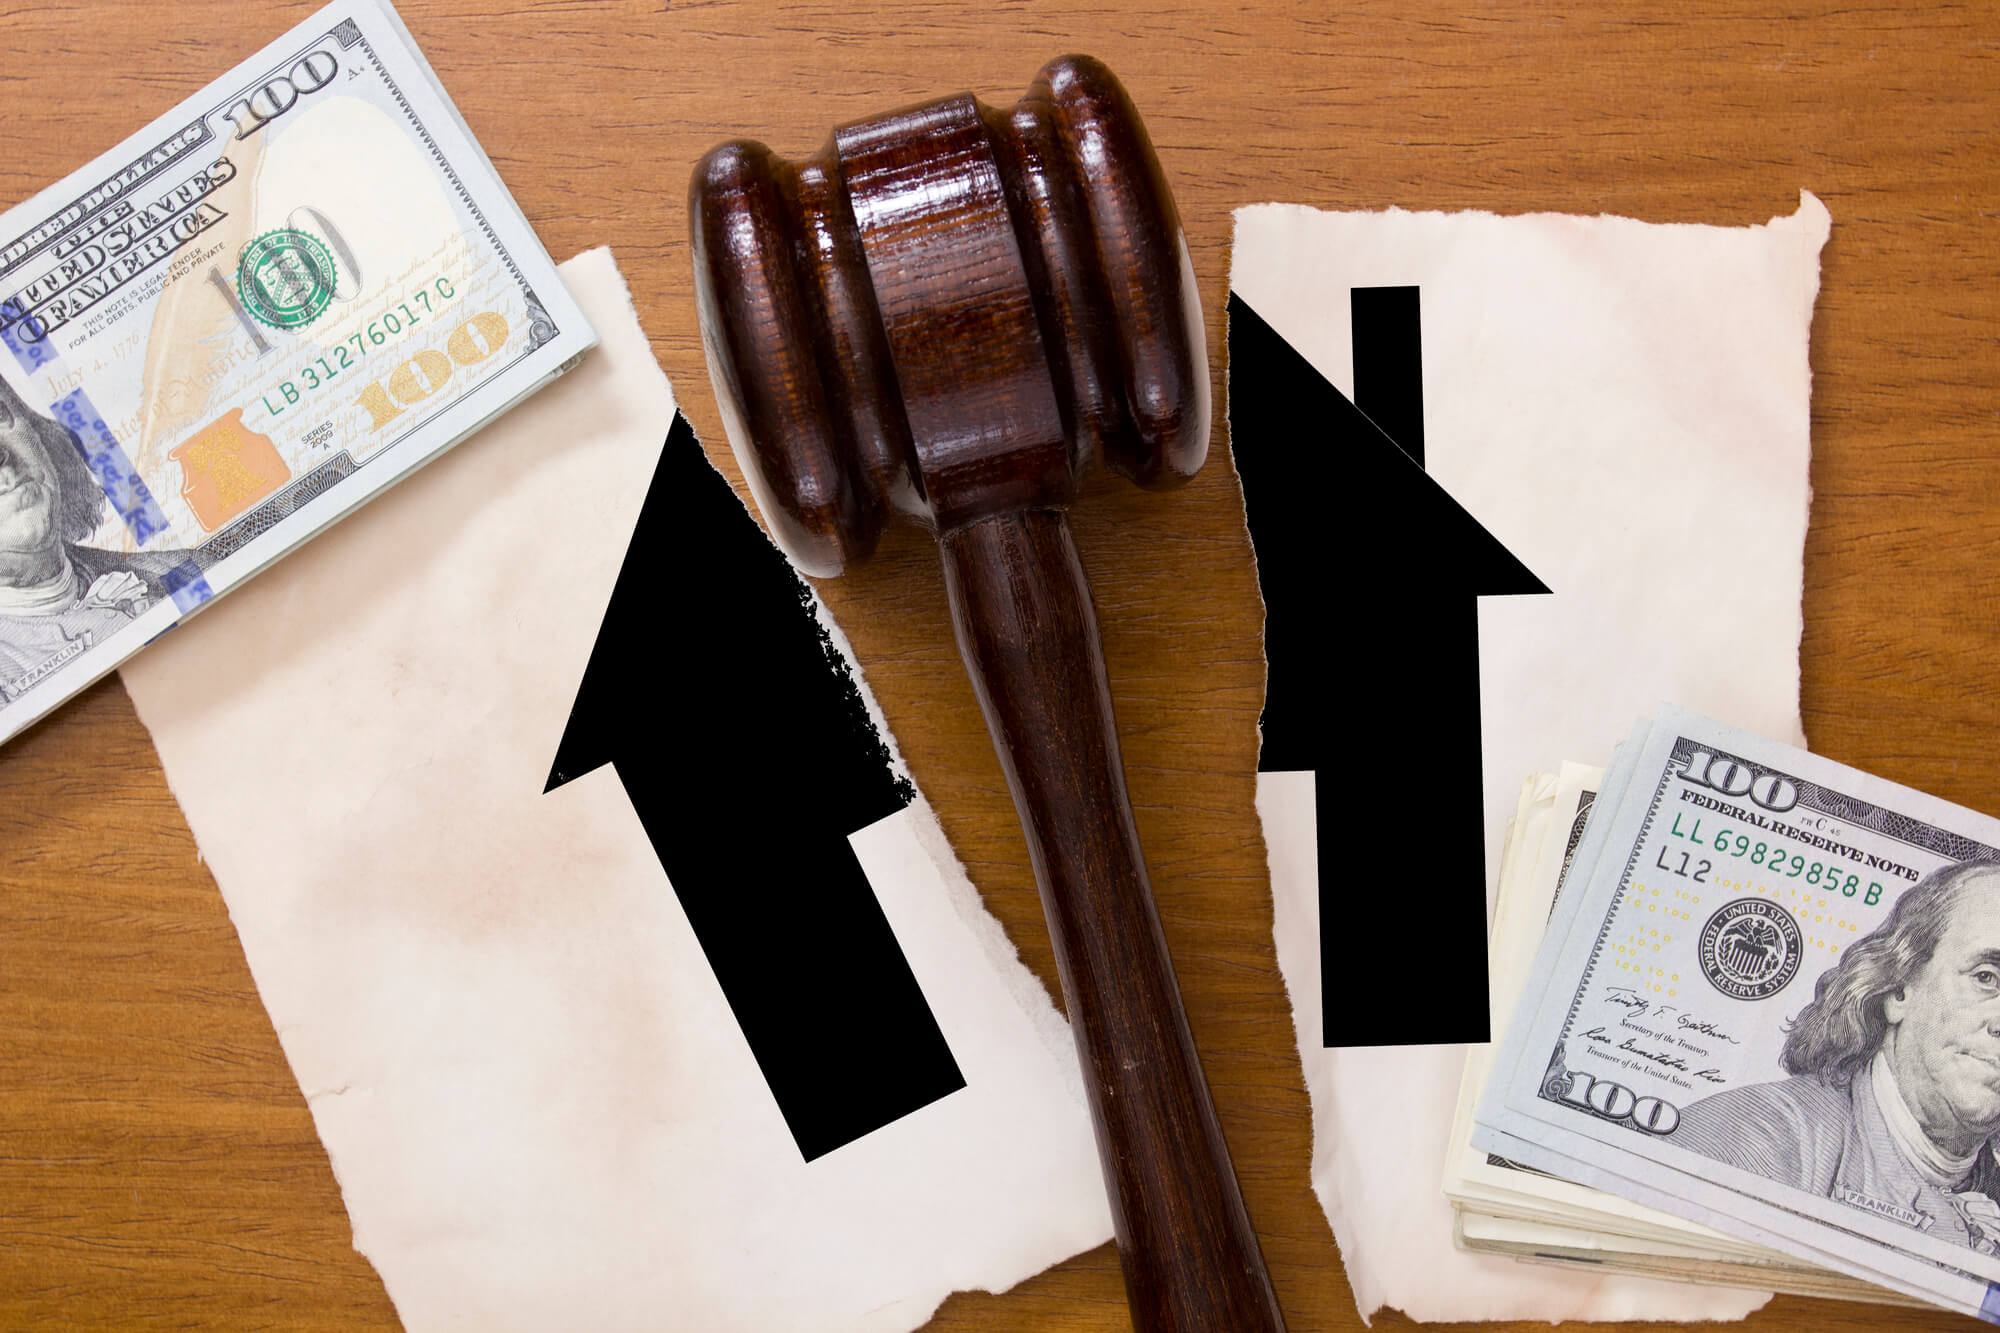 Юрист по разделу имущества супругов после развода в клину